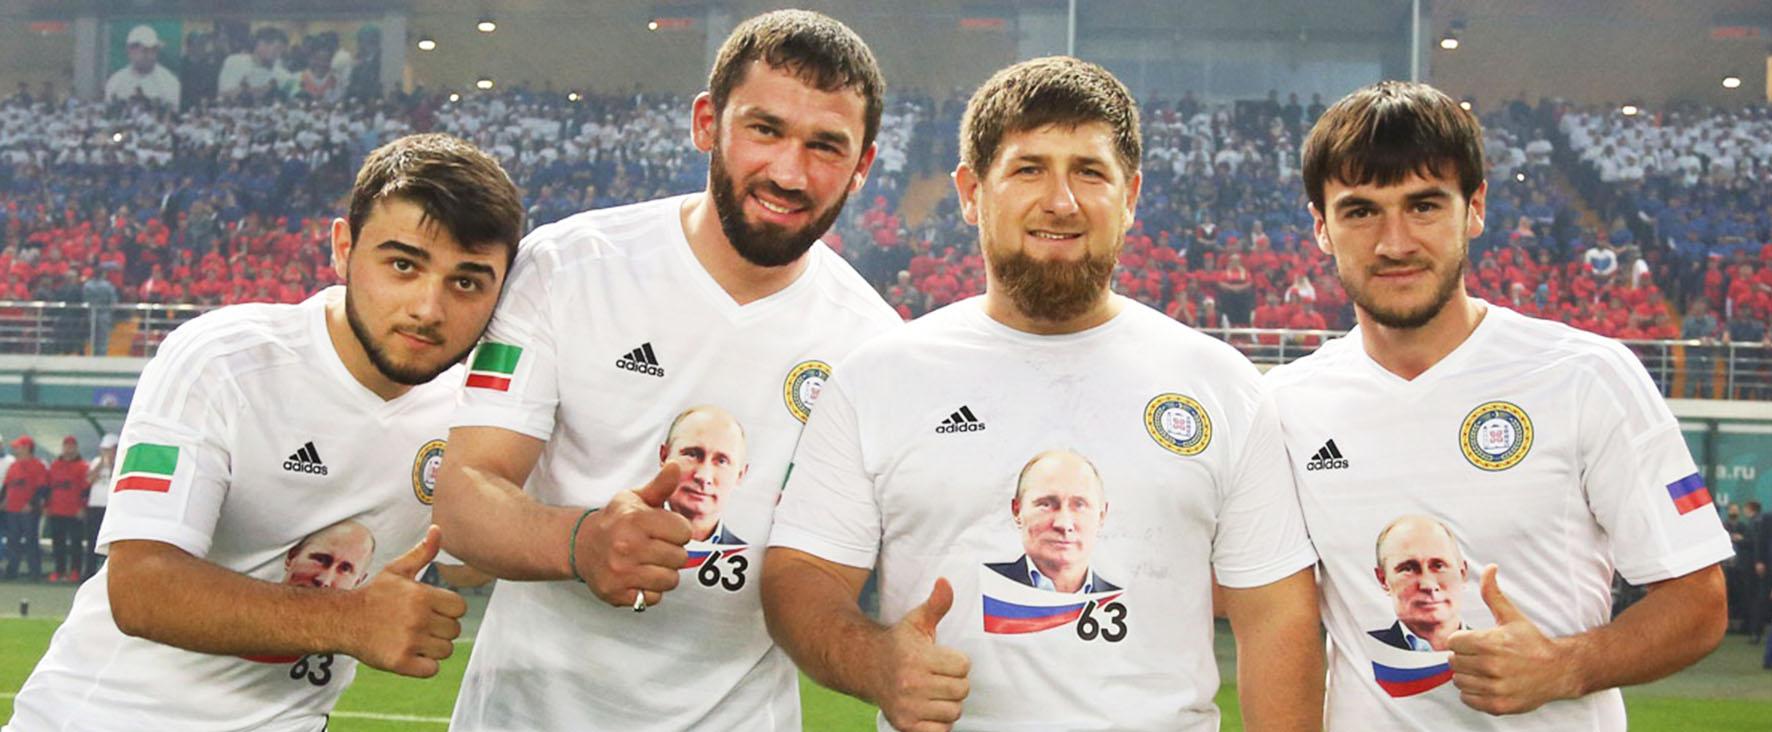 Размещение рекламы на Ахмат-Арена / стадион Грозный